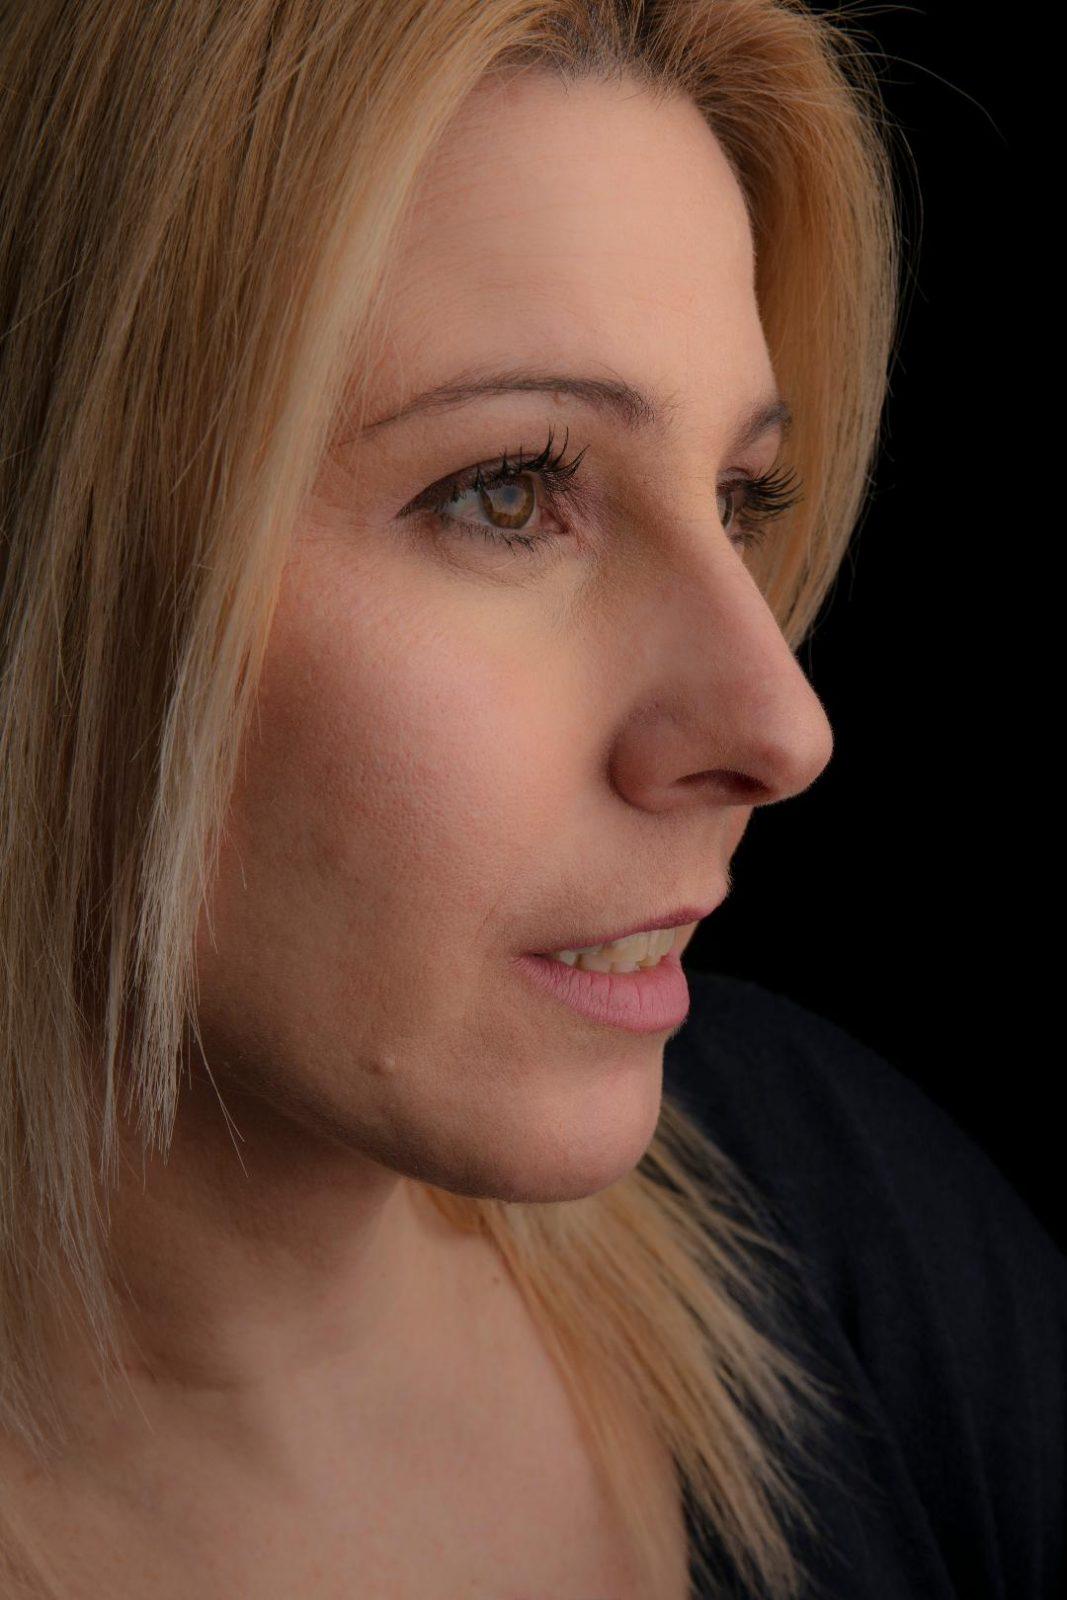 η Βίκυ Ξανθοπούλου η Δασκάλα της Χρονιάς για δεύτερη χρονιά